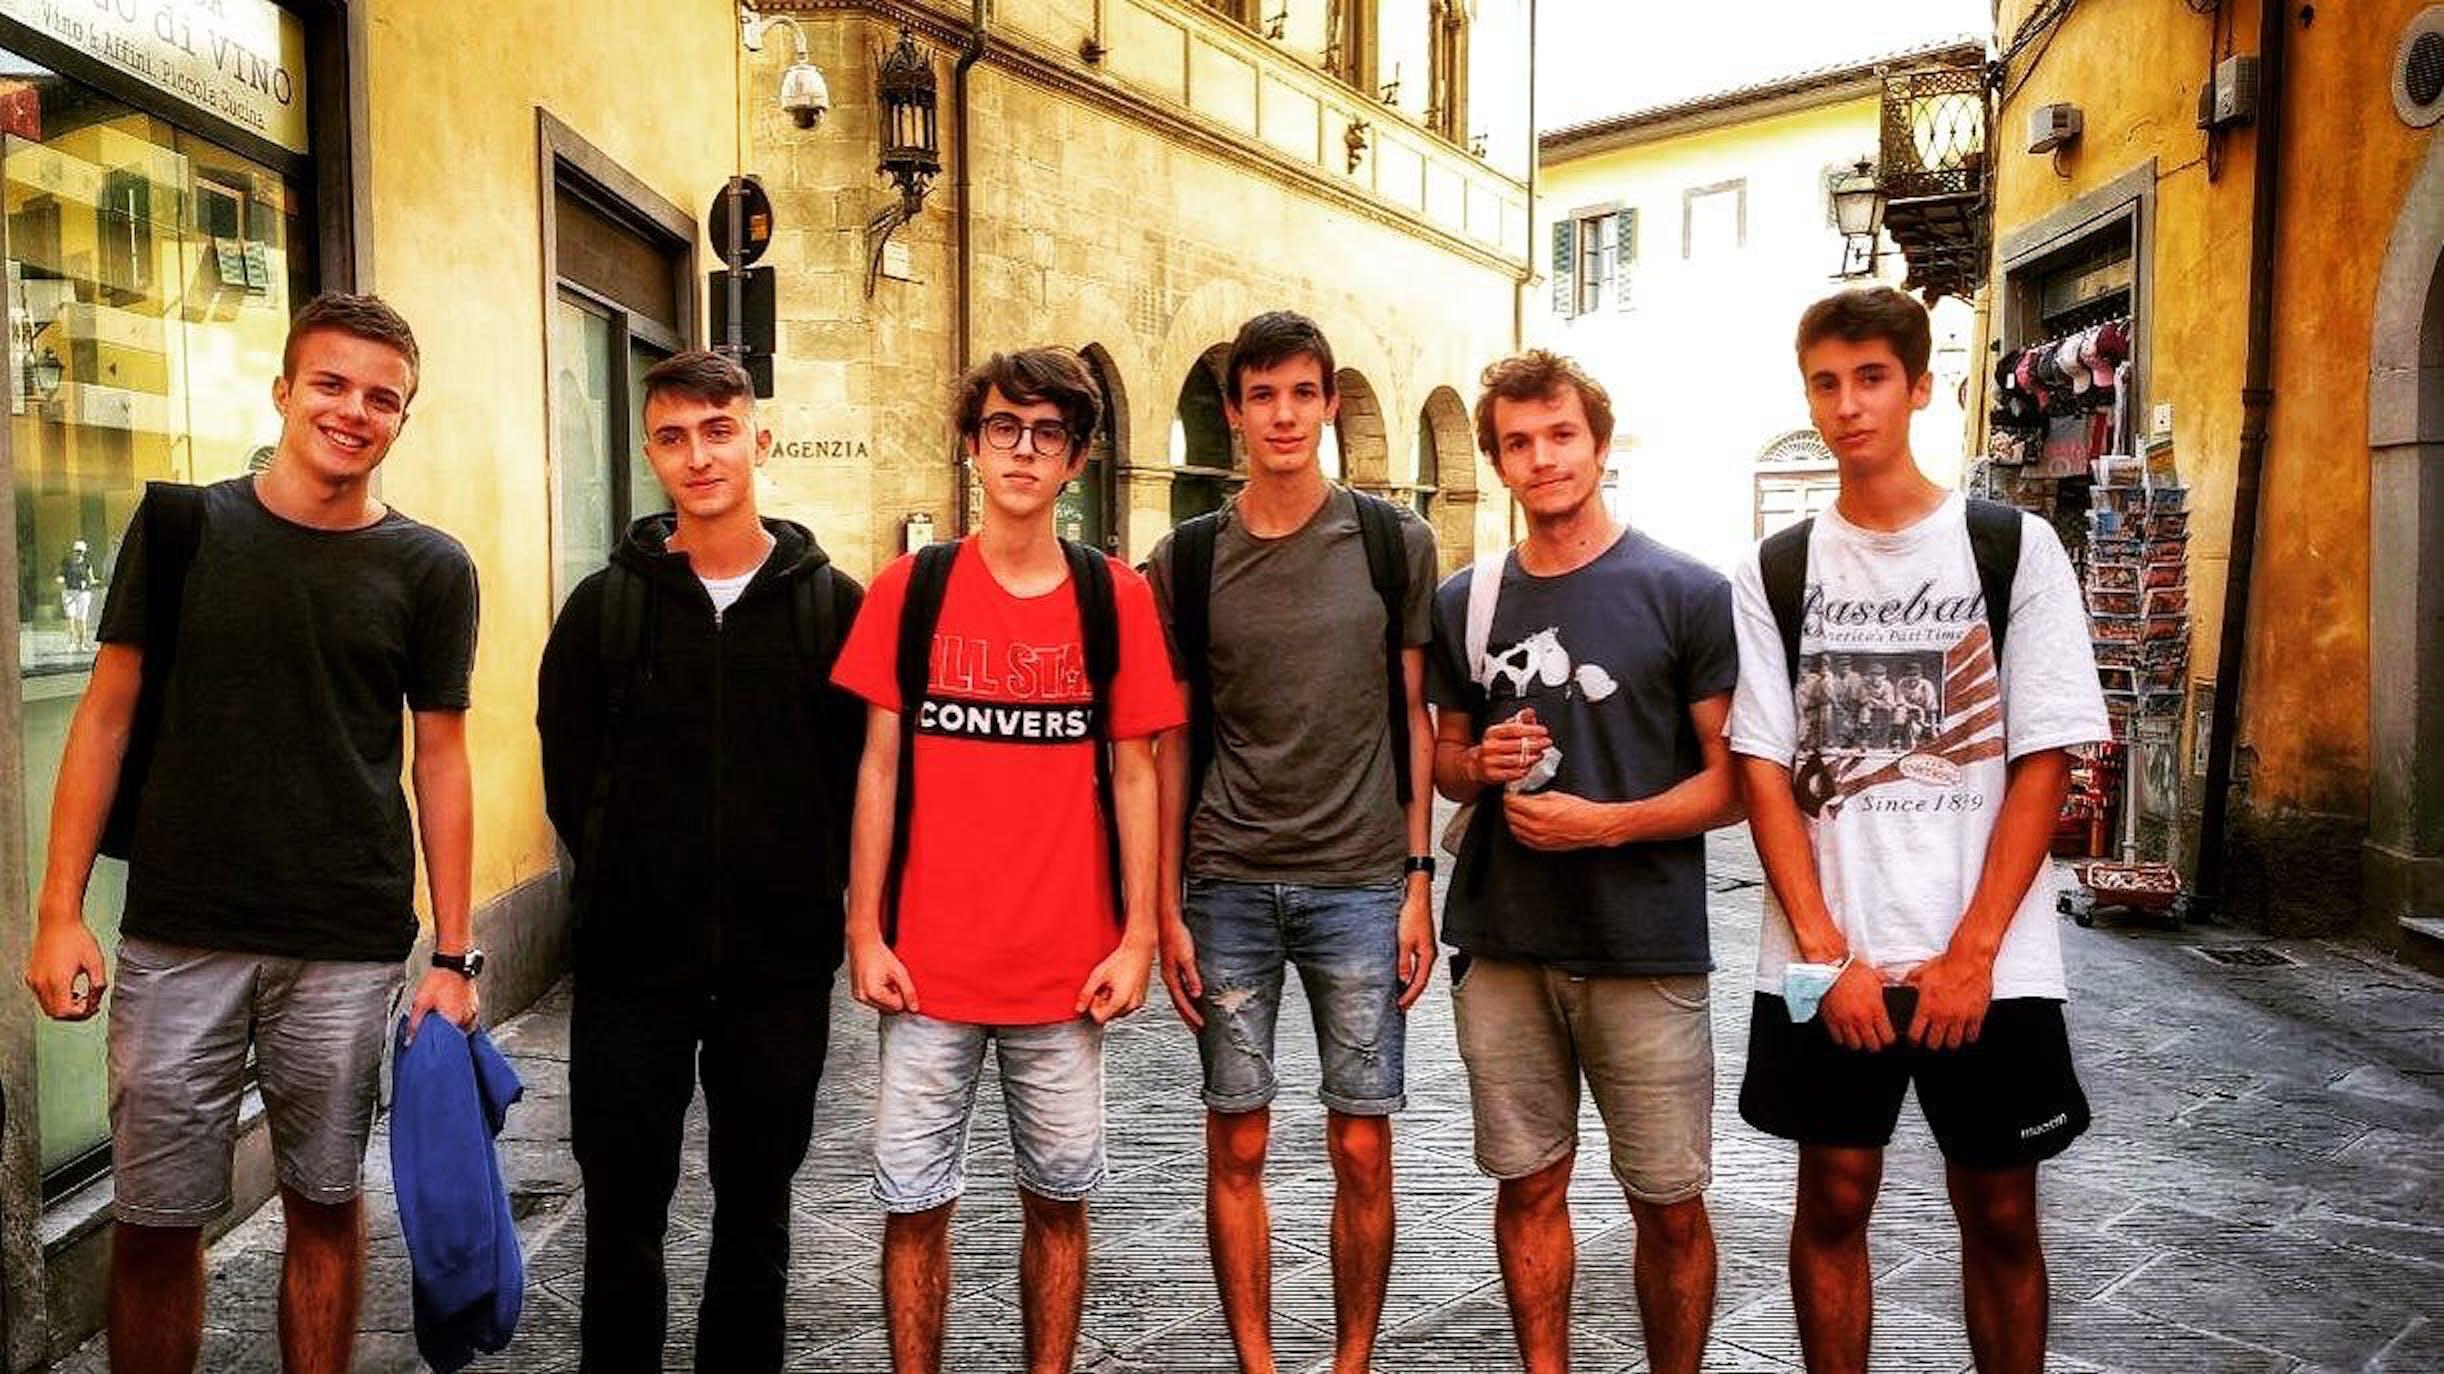 Foschi insieme agli altri partecipanti per l'Italia